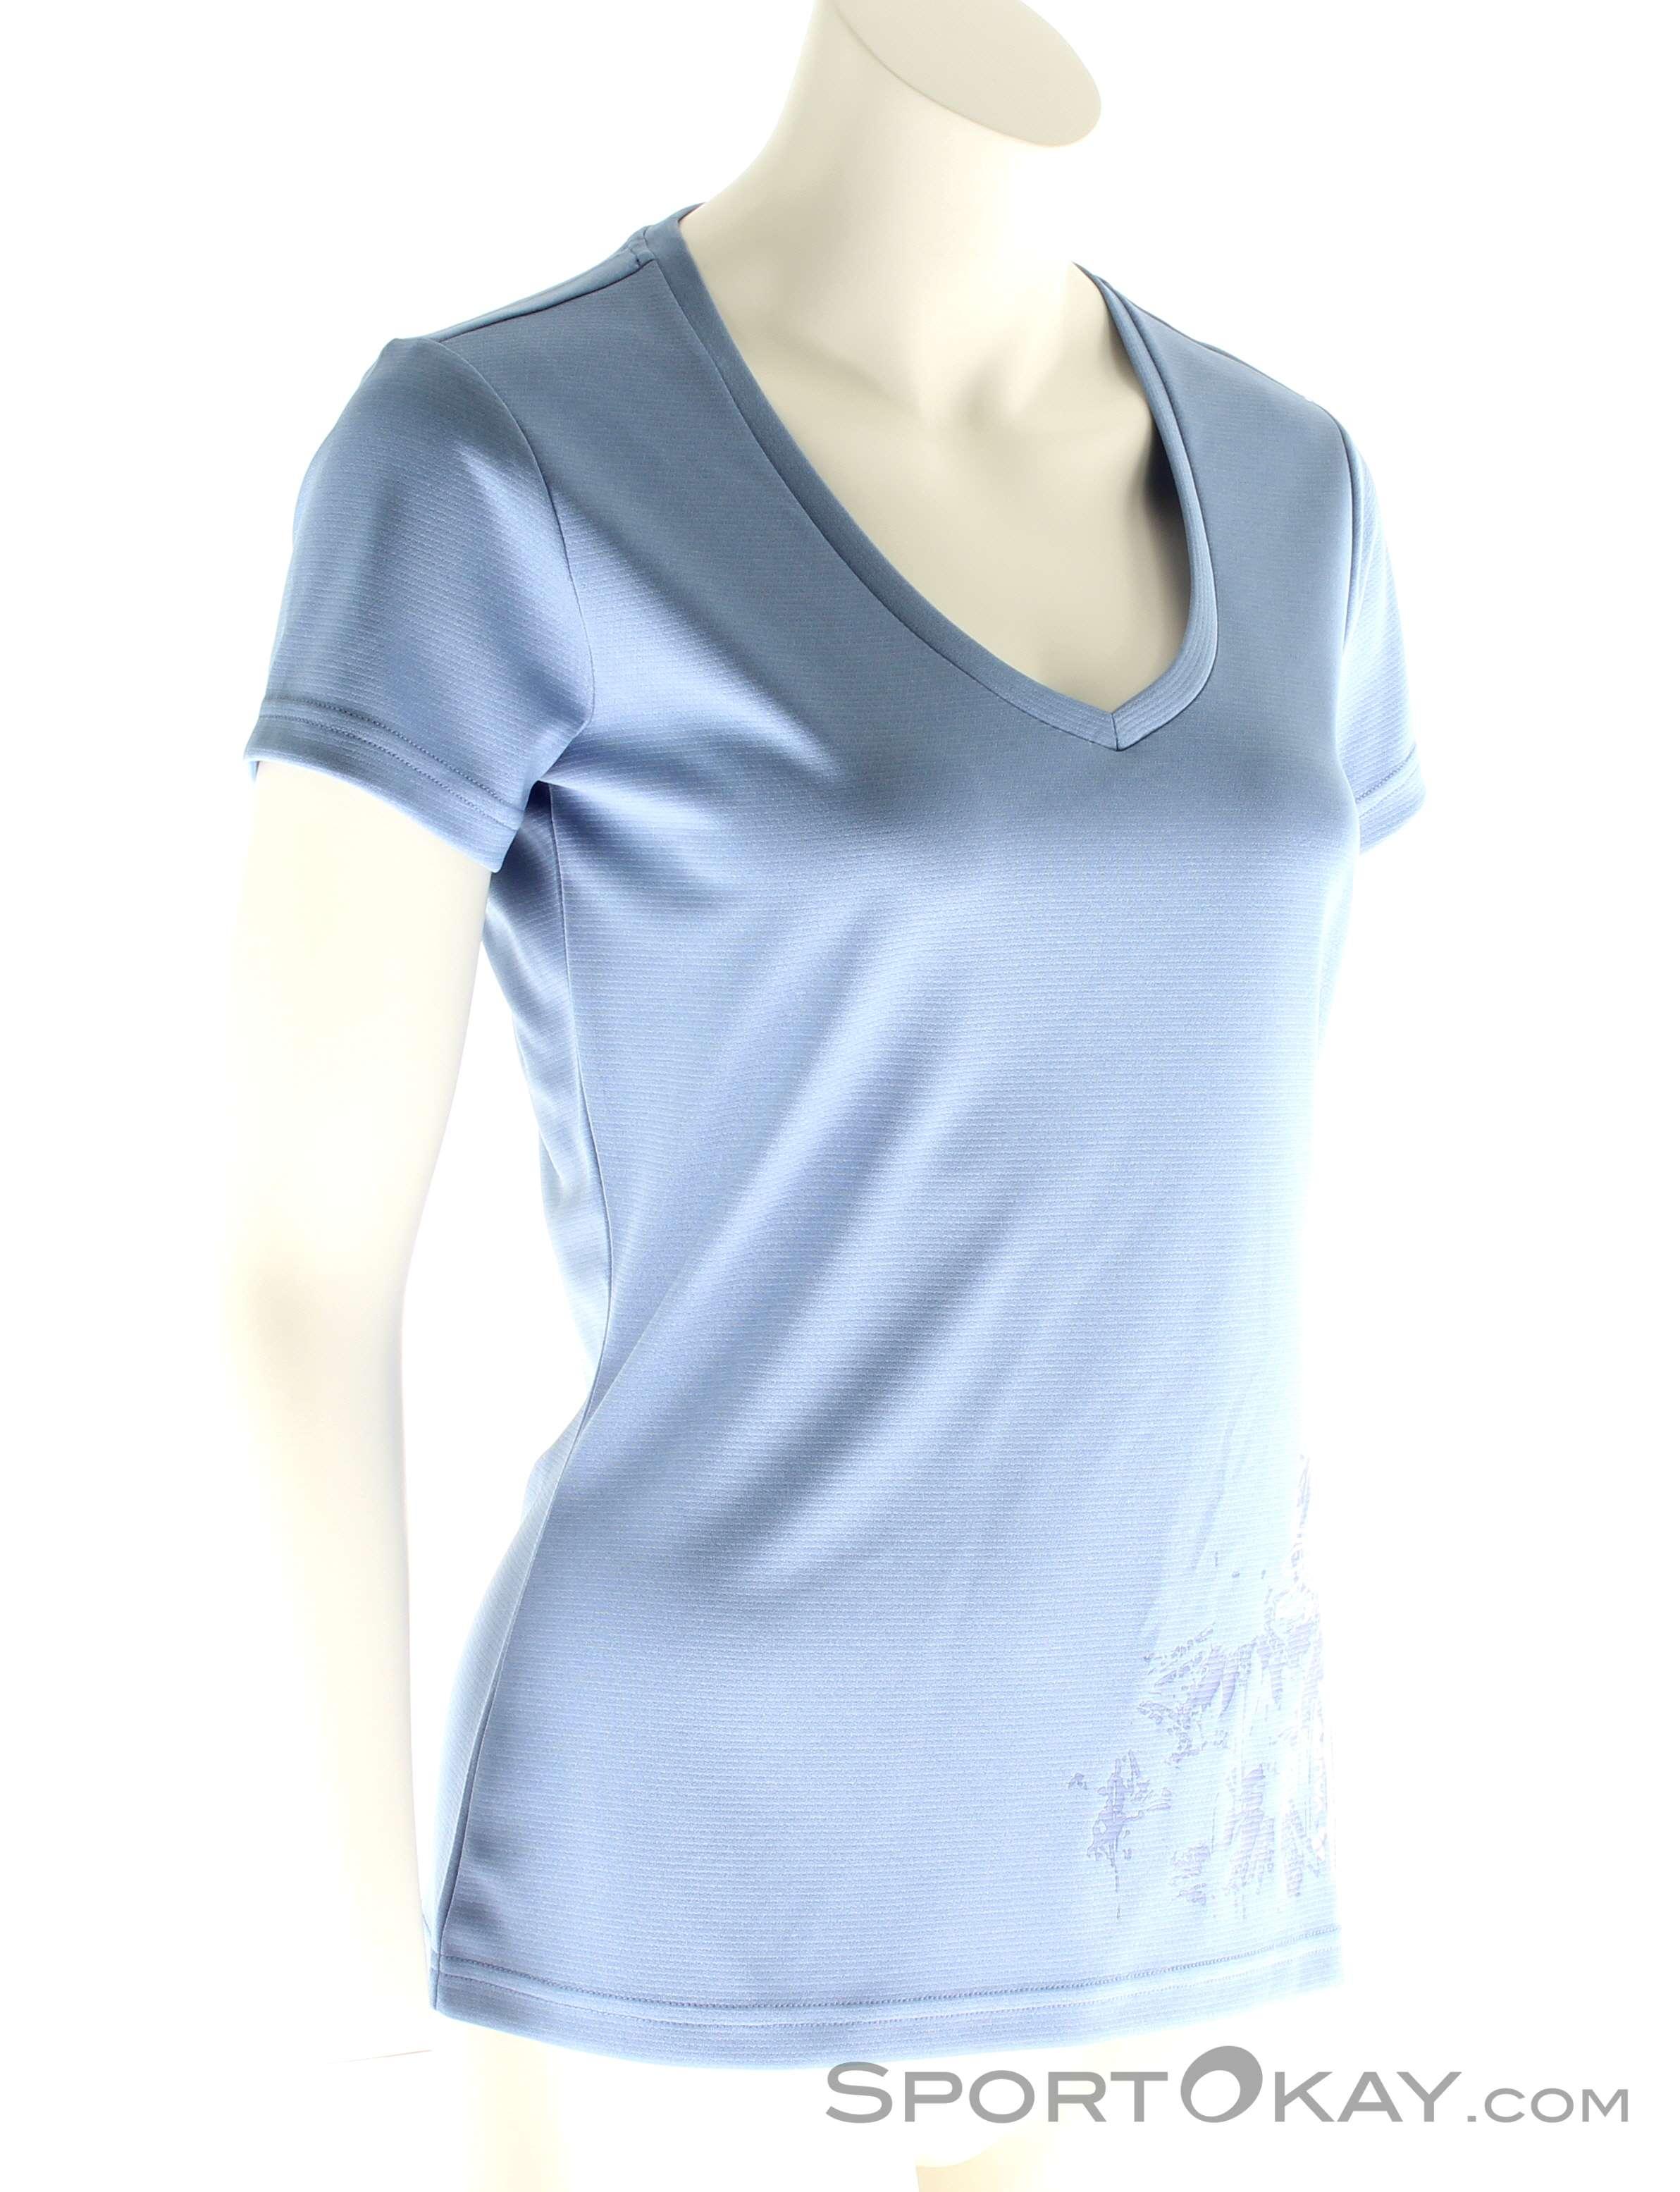 618a4a7f77 Vaude Moyle Shirt Donna Maglietta Outdoor , Vaude, Porpora, , Donna, 0239-